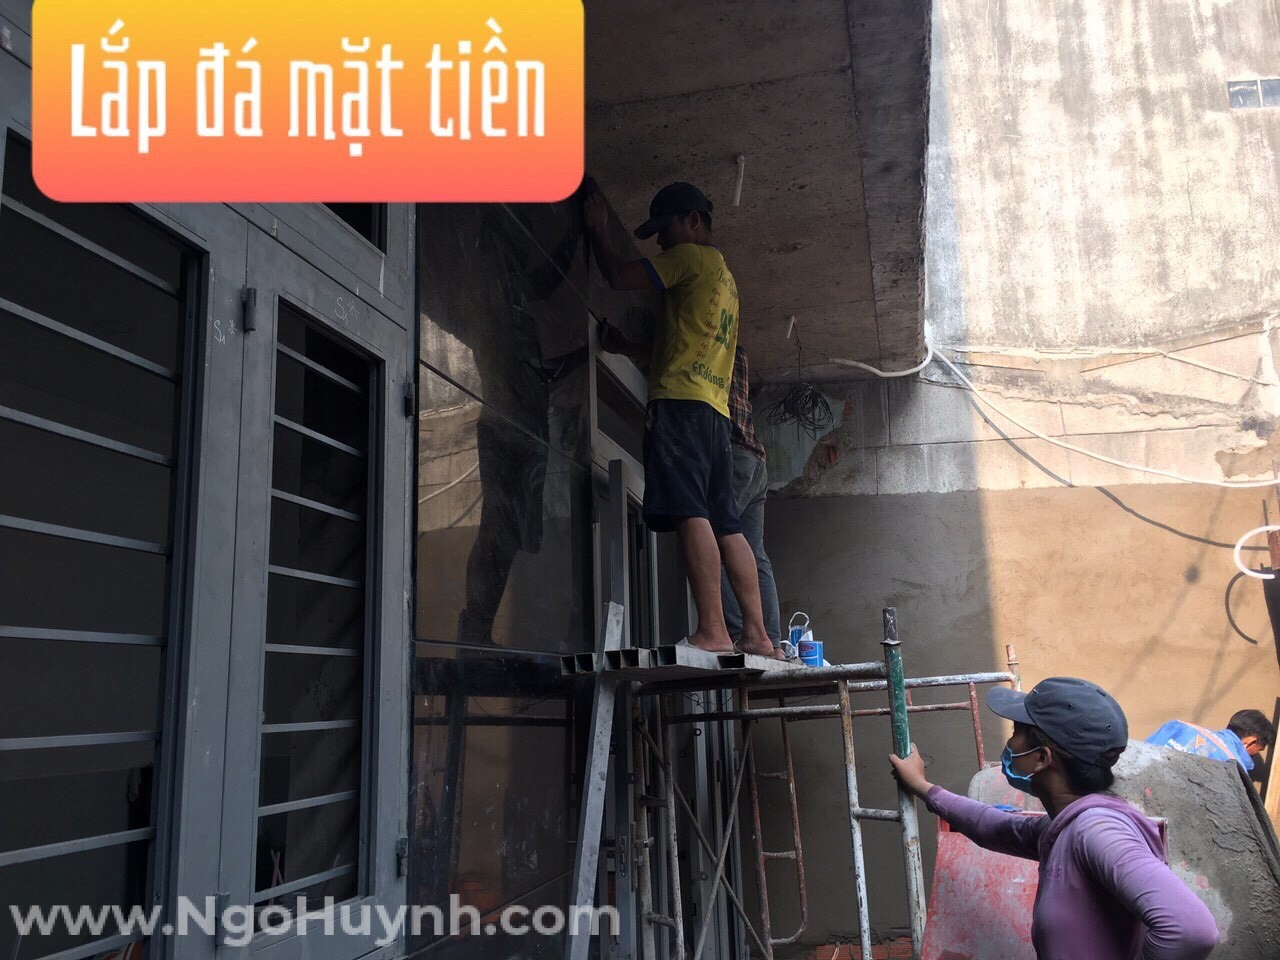 NGO-HUYNH-3